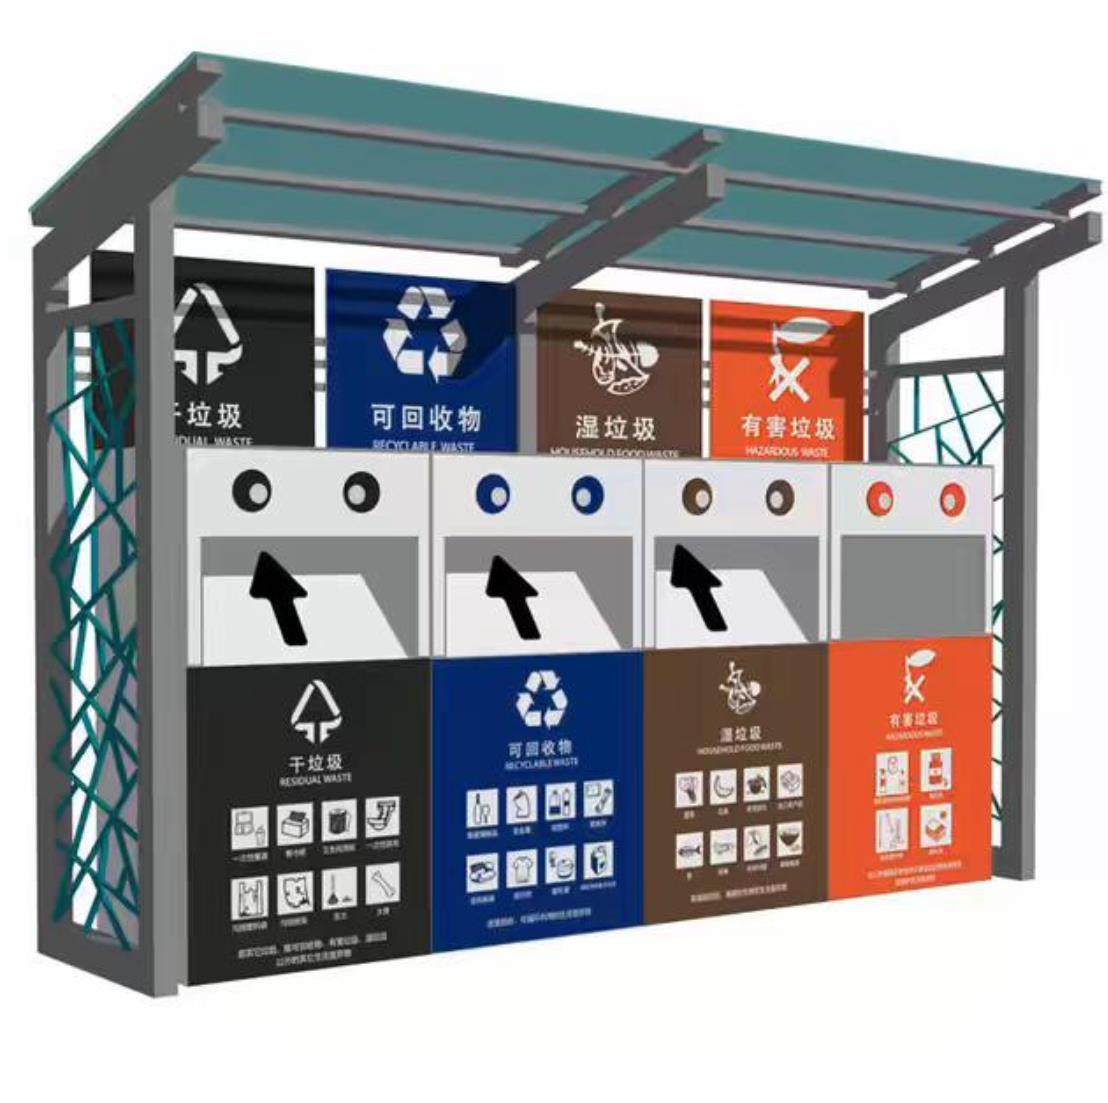 西安环保垃圾分类箱